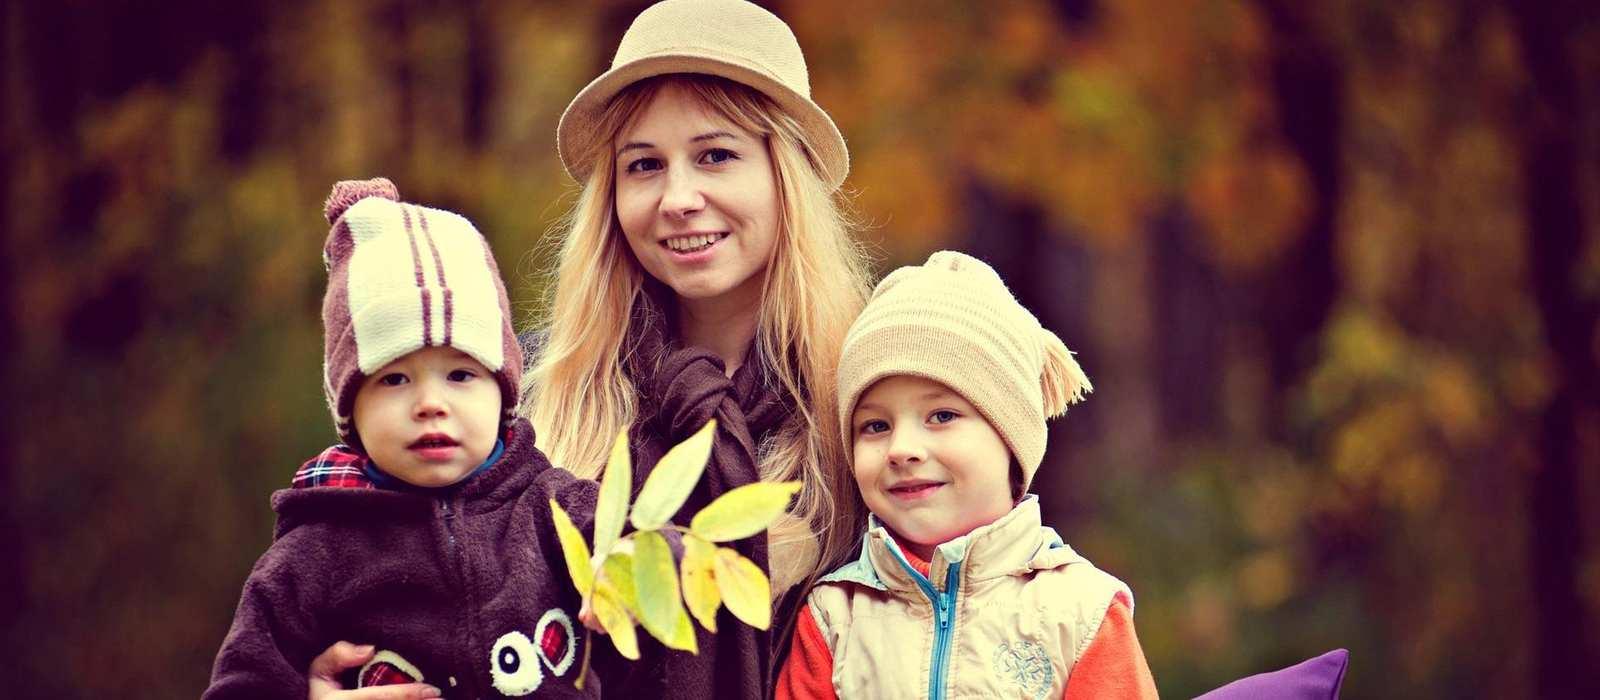 Eine junge Frau hält zwei kleinere Kinder in den Armen. Im Hintergrund ist ein herbstlicher Laubwald.